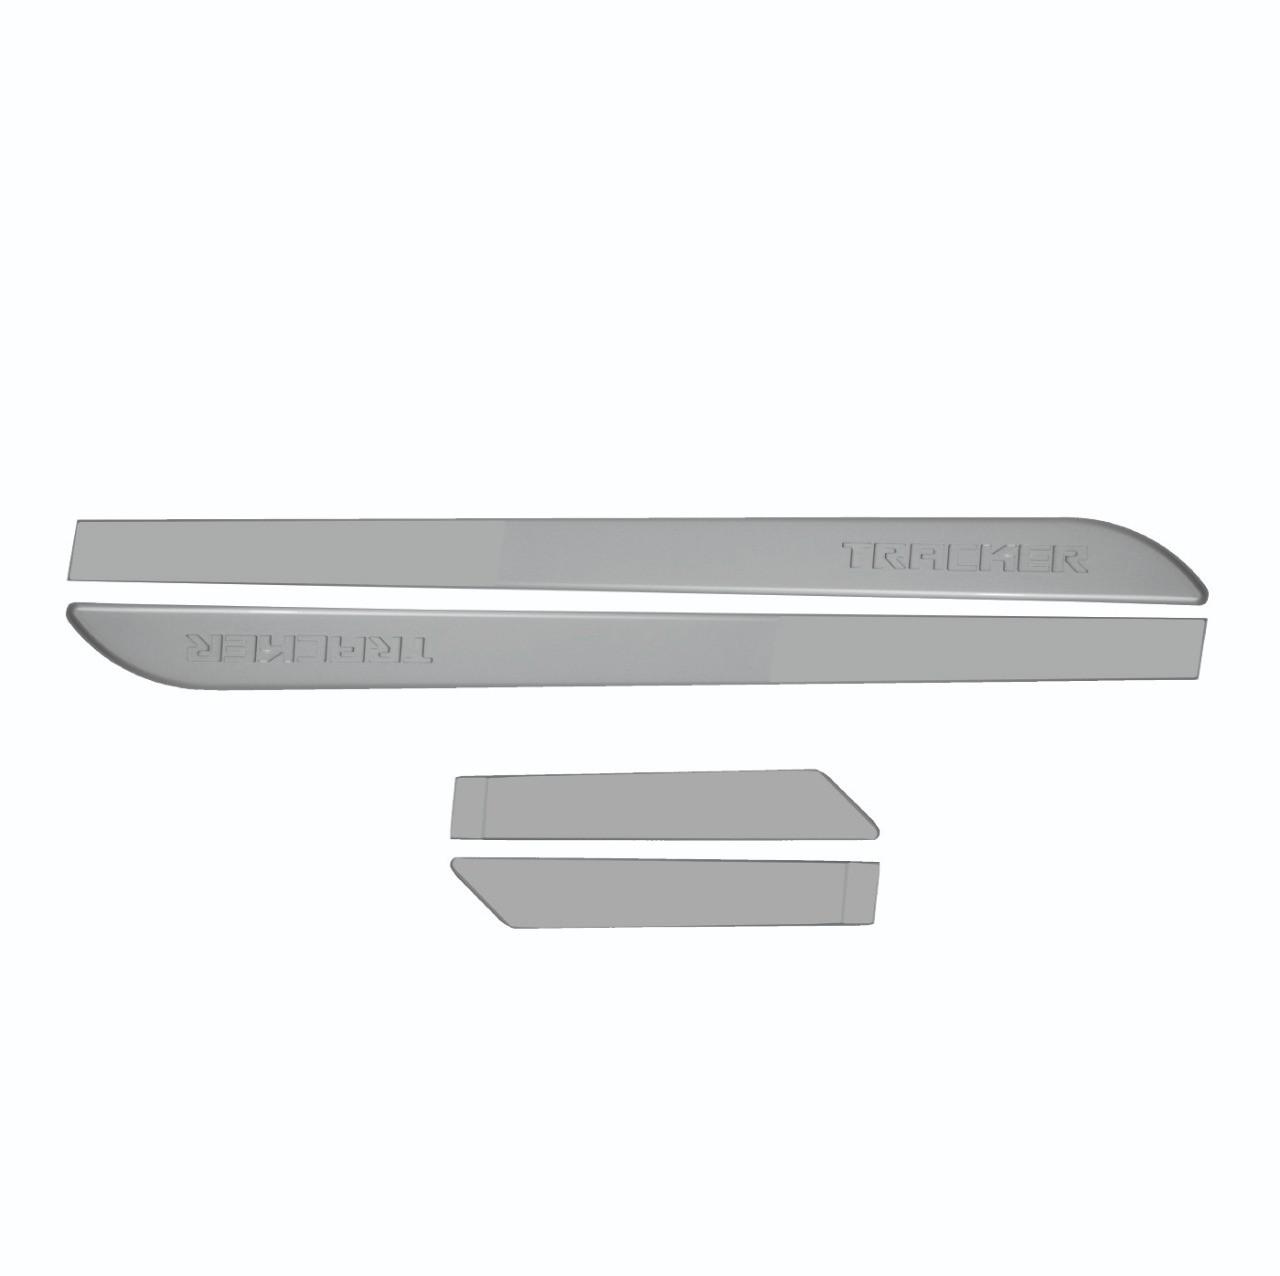 Friso Lateral Tracker Prata Swtchblade com nome em baixo relevo